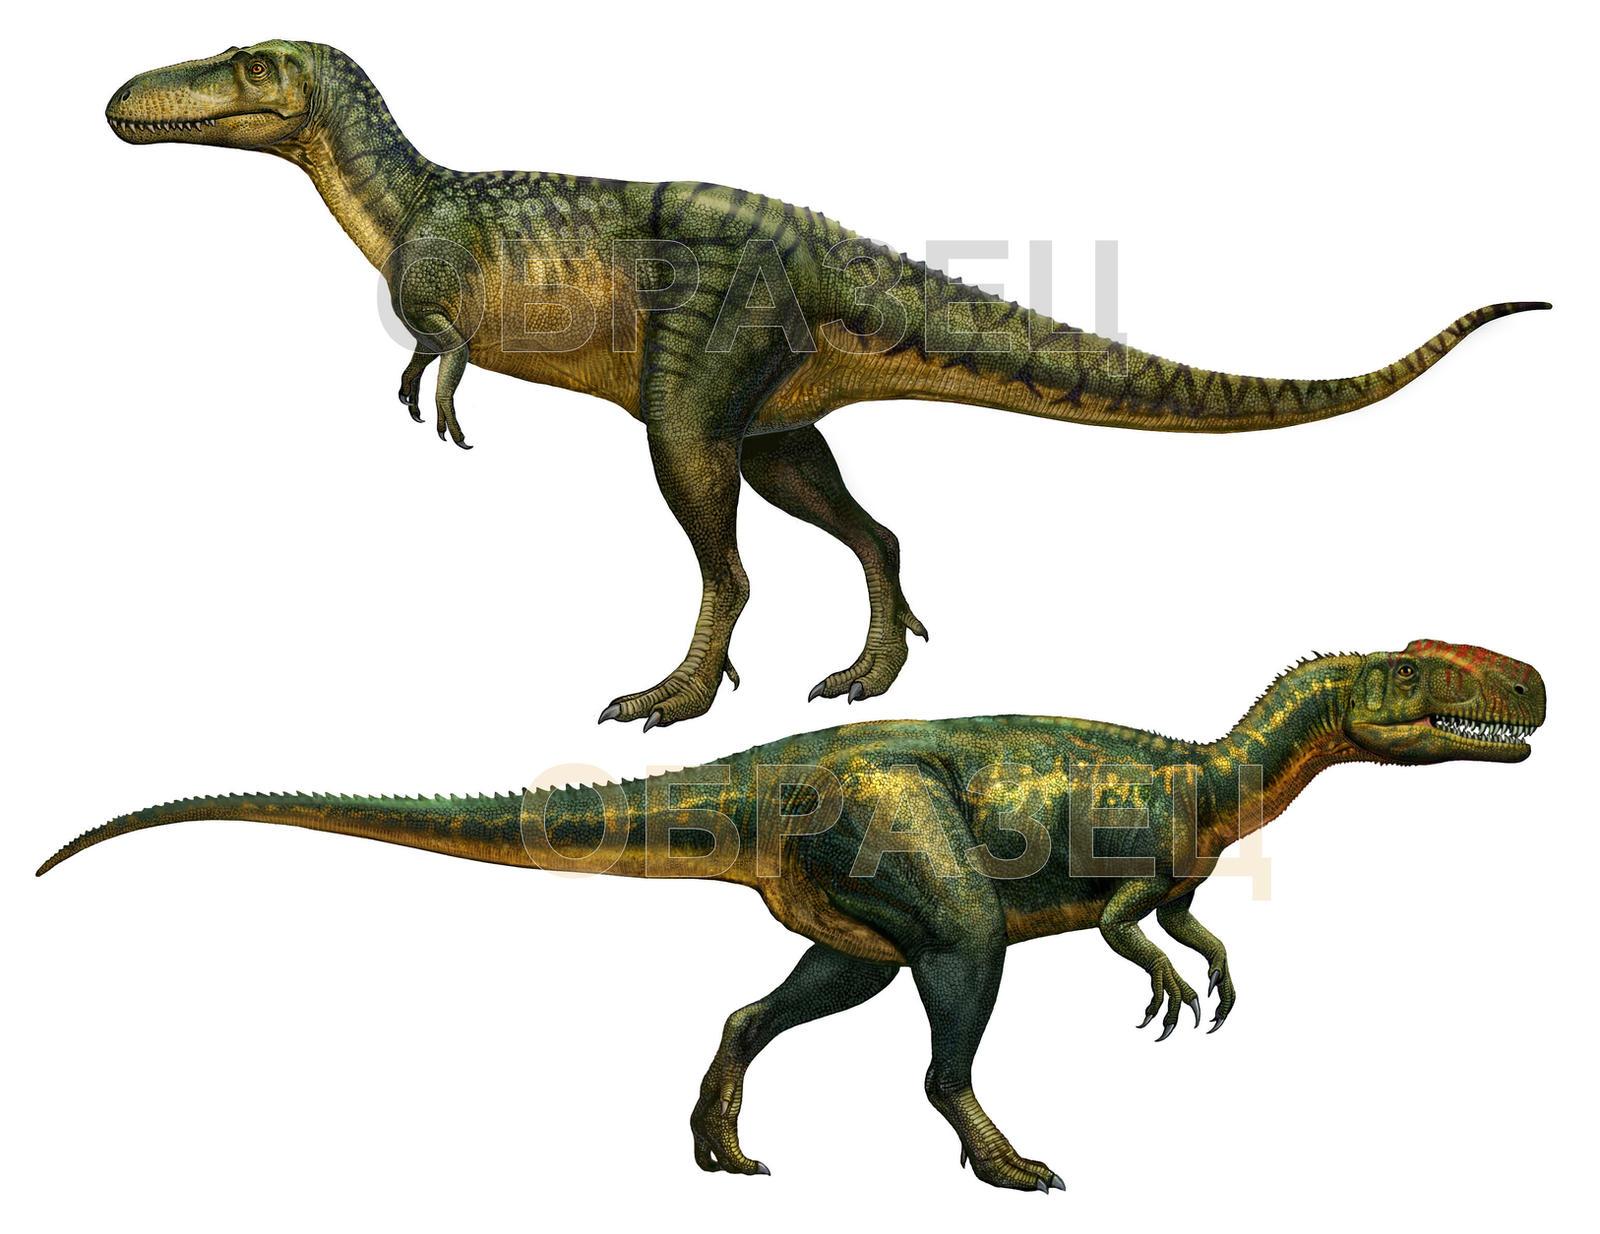 Dino by atrox1